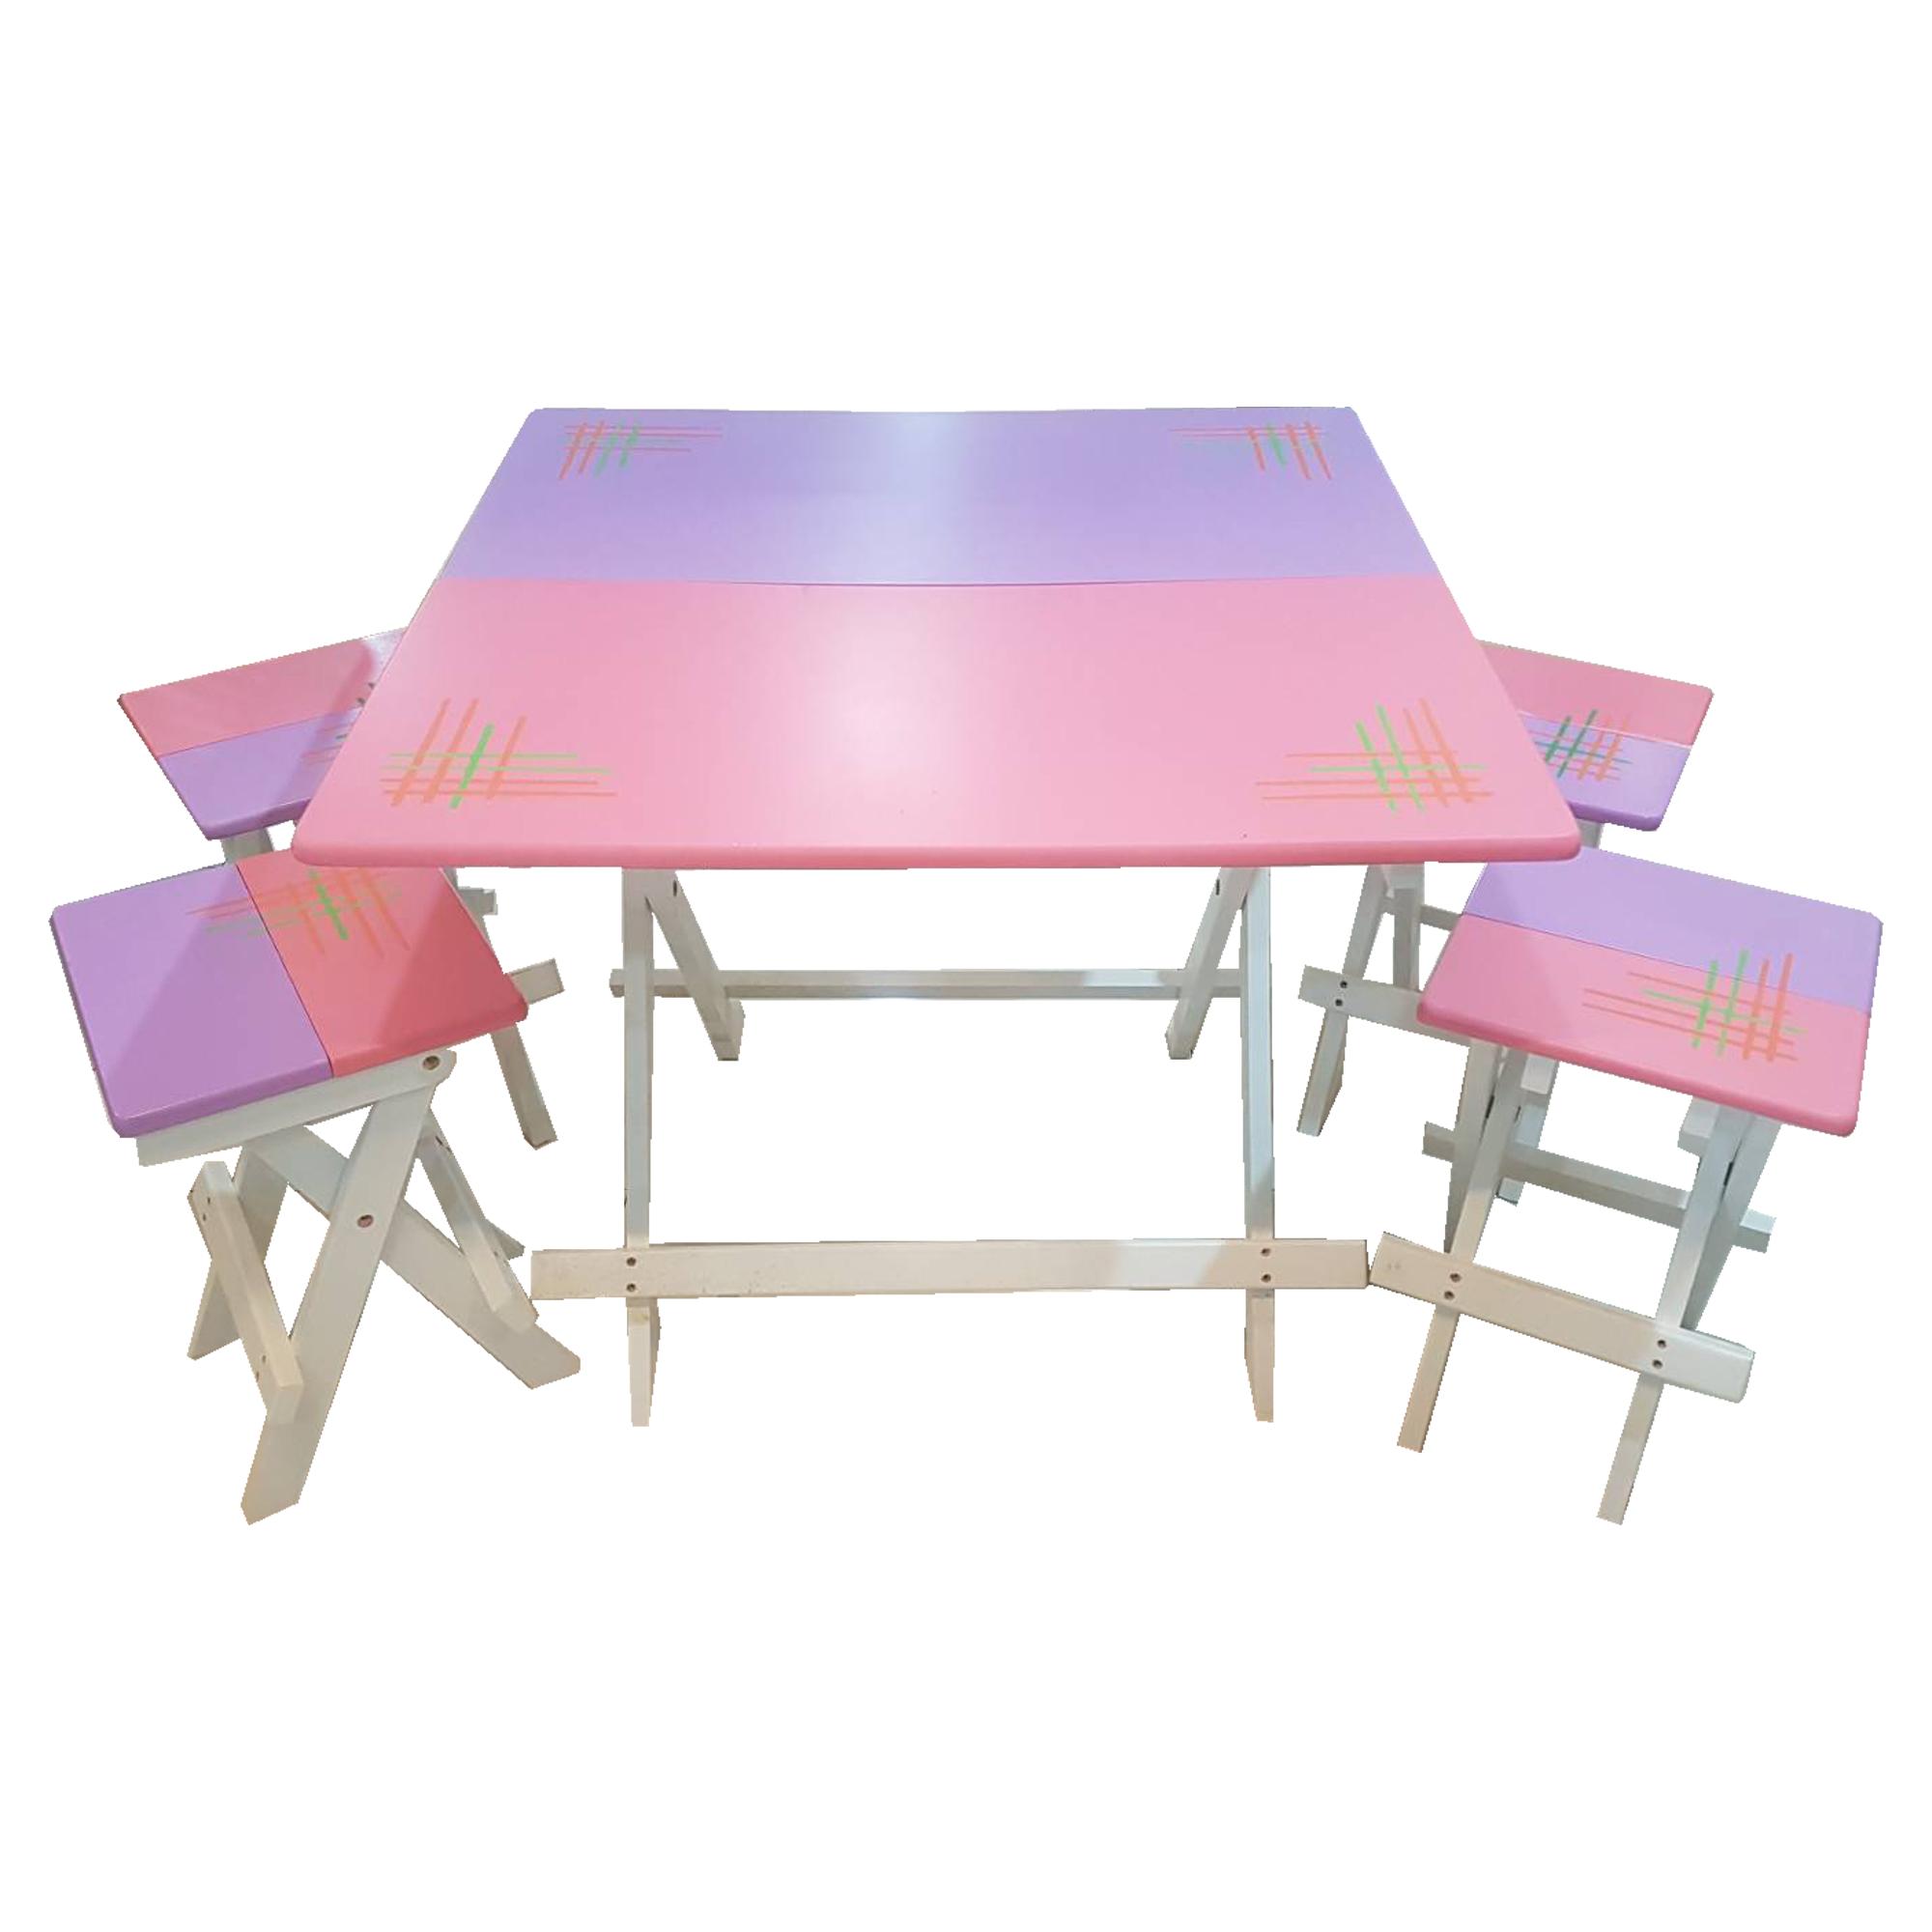 ชุดโต๊ะอาหารปิคนิค